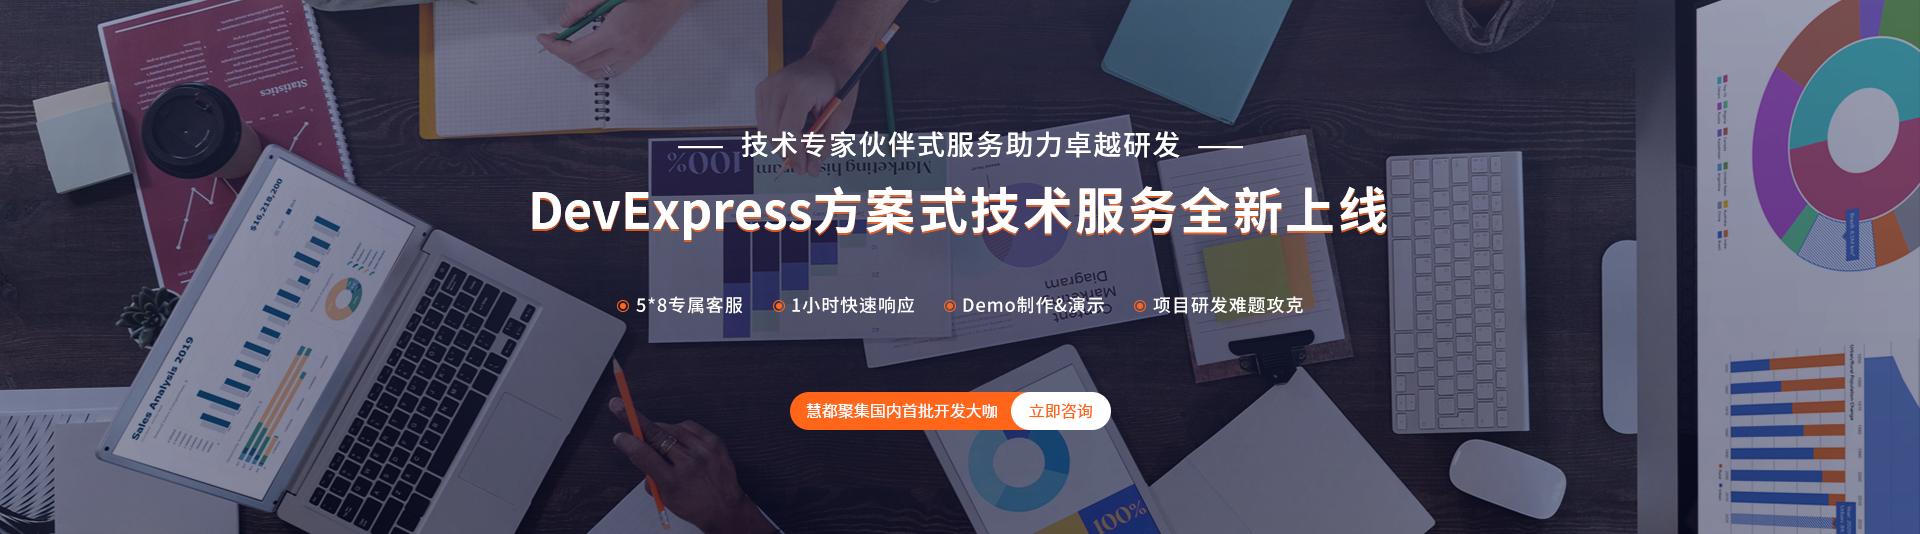 DevExpress方案式服务已正式上线